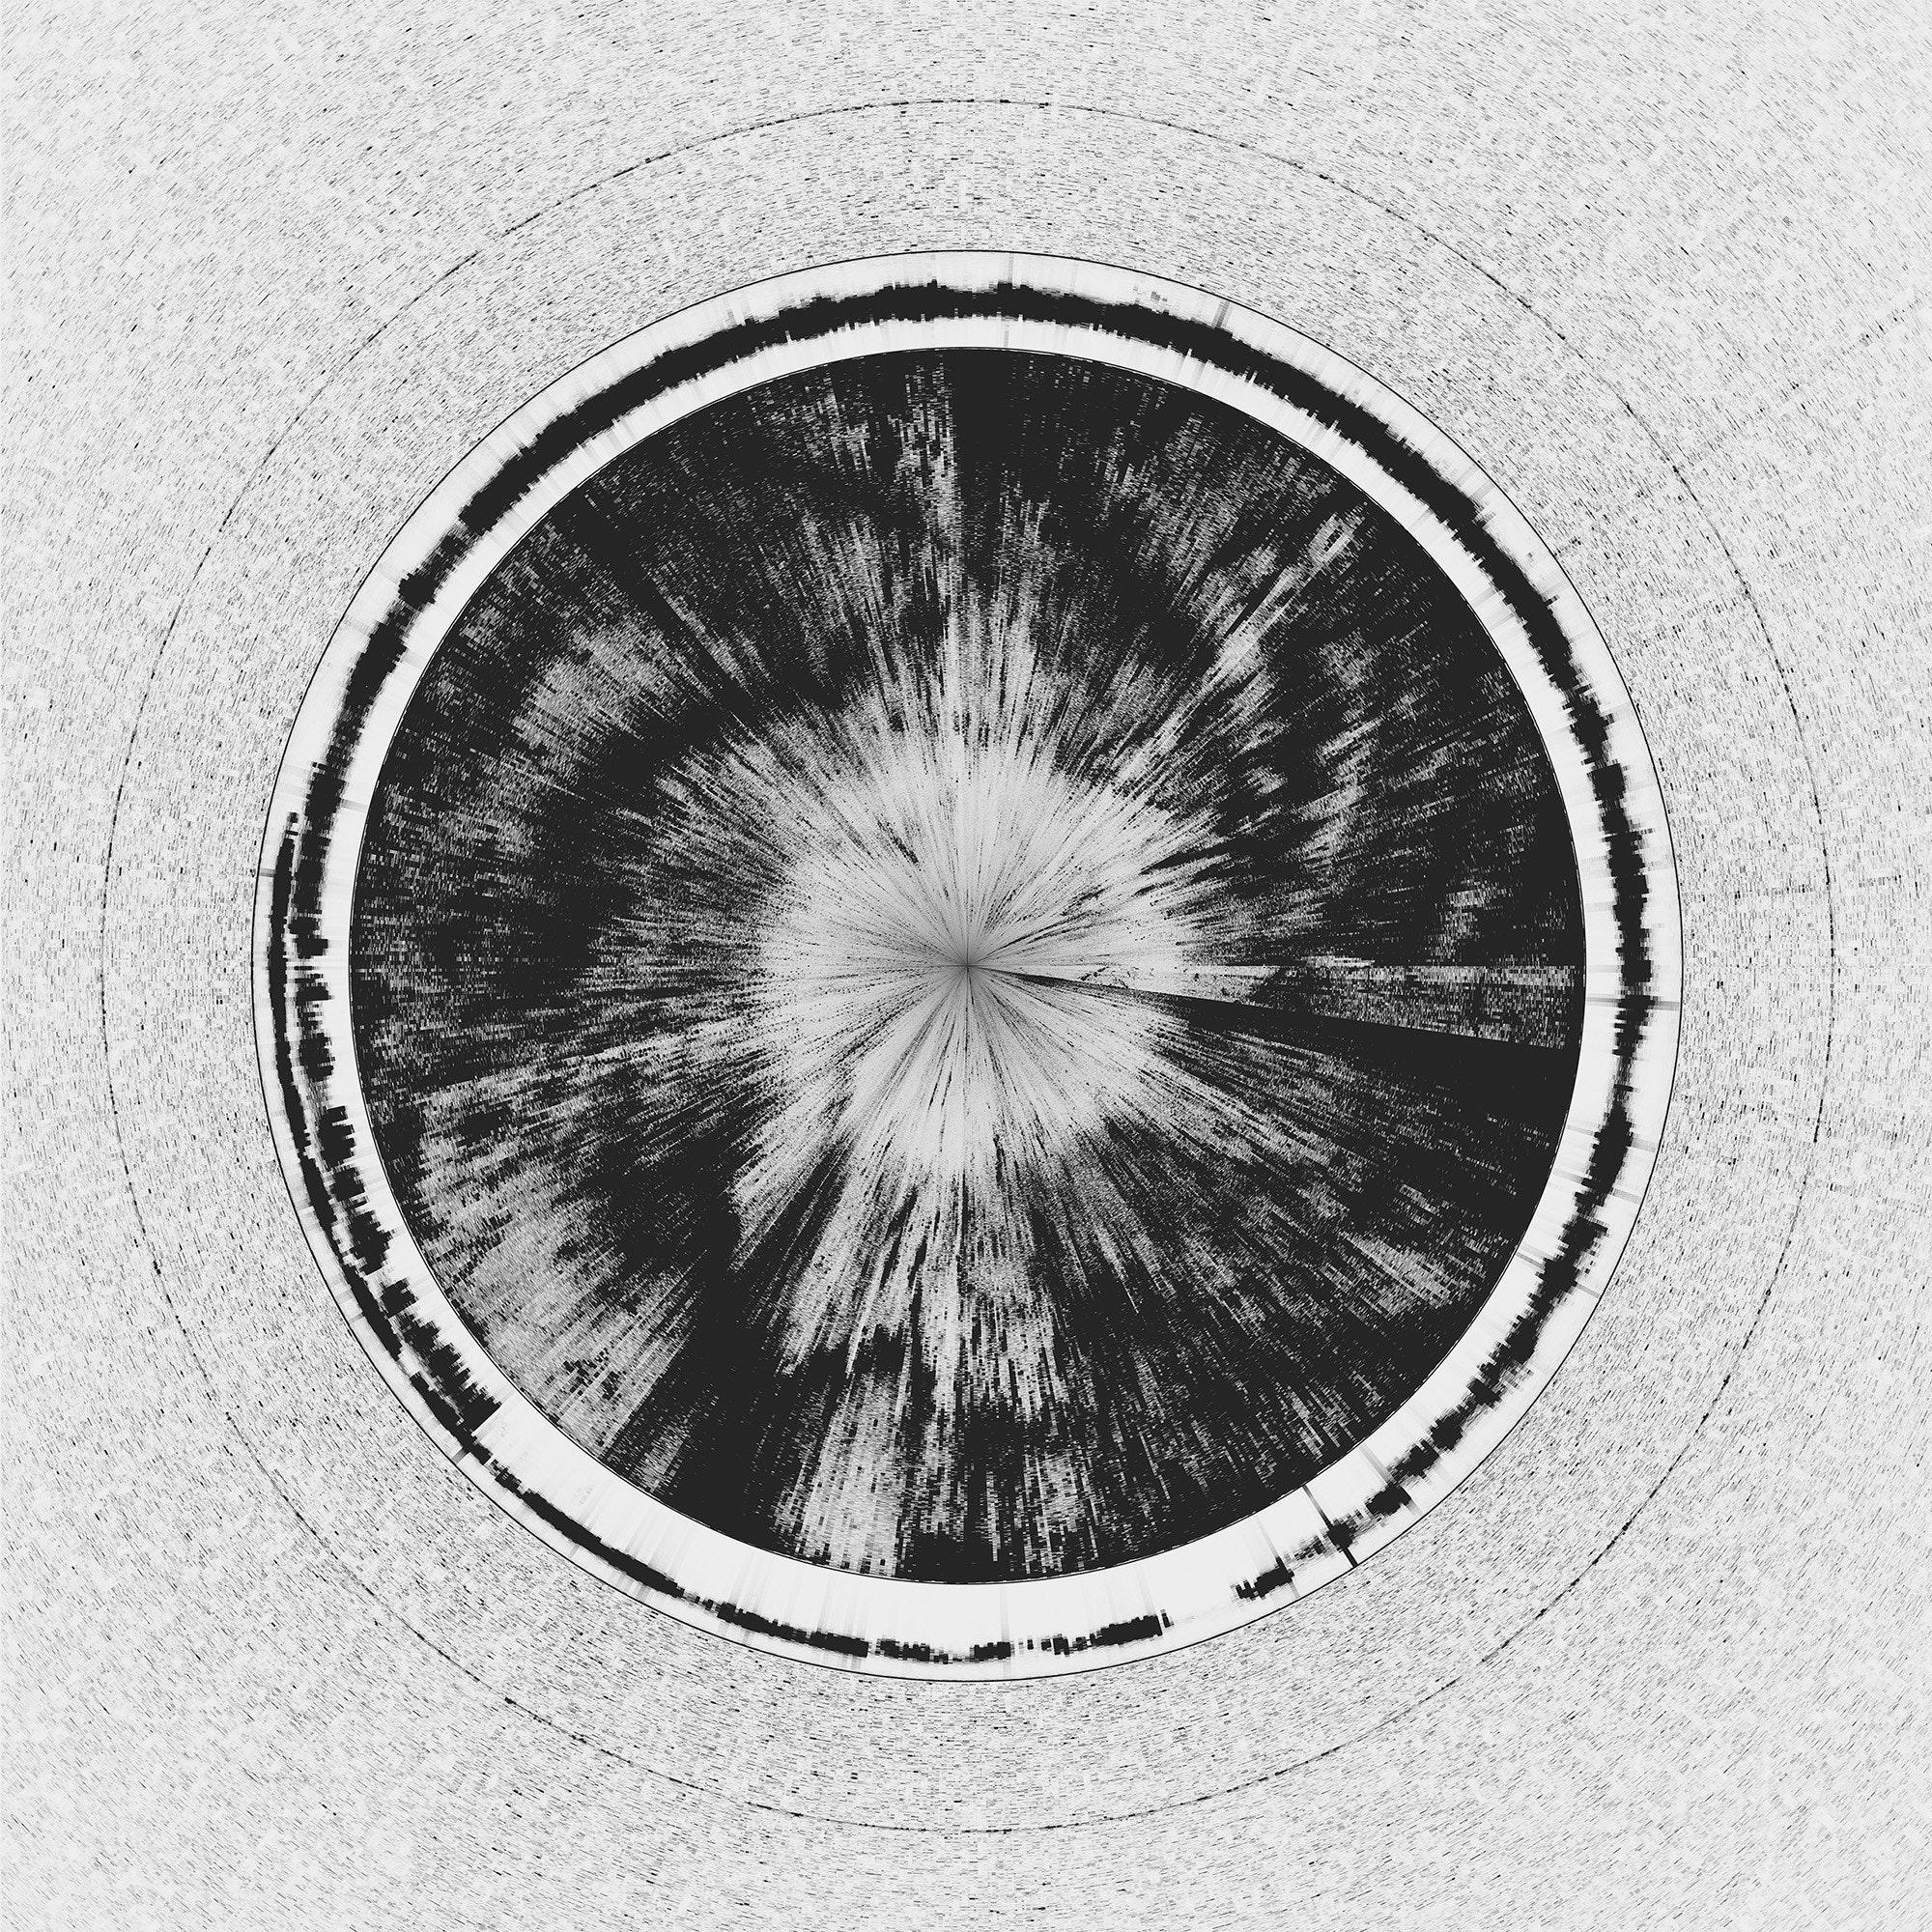 Aurora Borealis, Van Allen Belt, Interstellar Mission